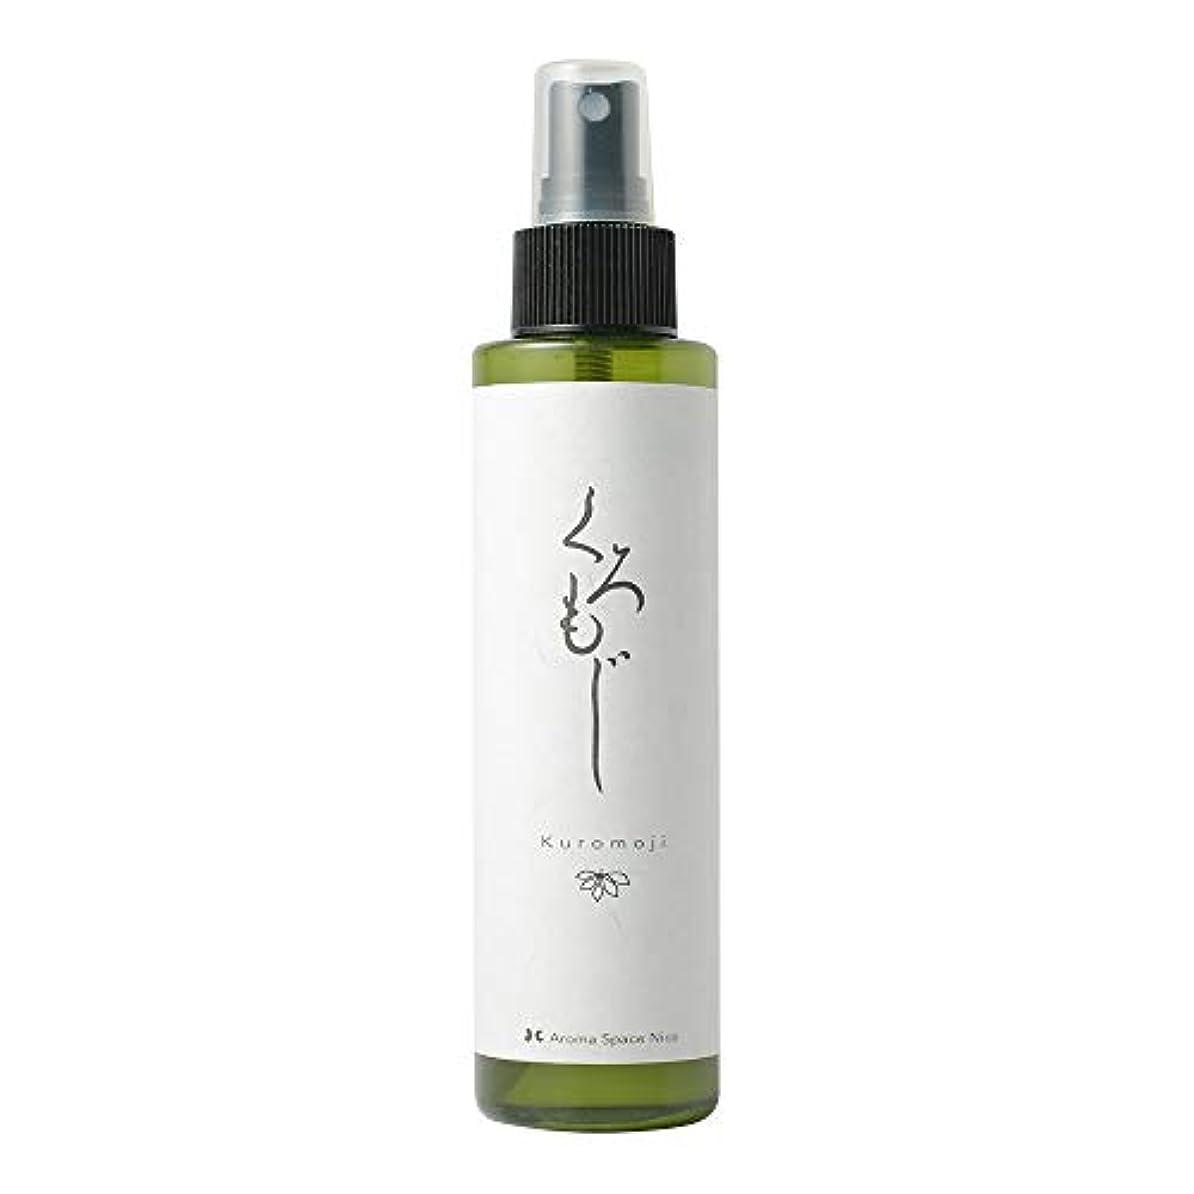 ミニブルーベル甘味無添加 さっぱり 化粧水 NICOクロモジハーブウォーター 敏感肌 ミスト 天然成分100% 心が和む和の香り … (150ml)